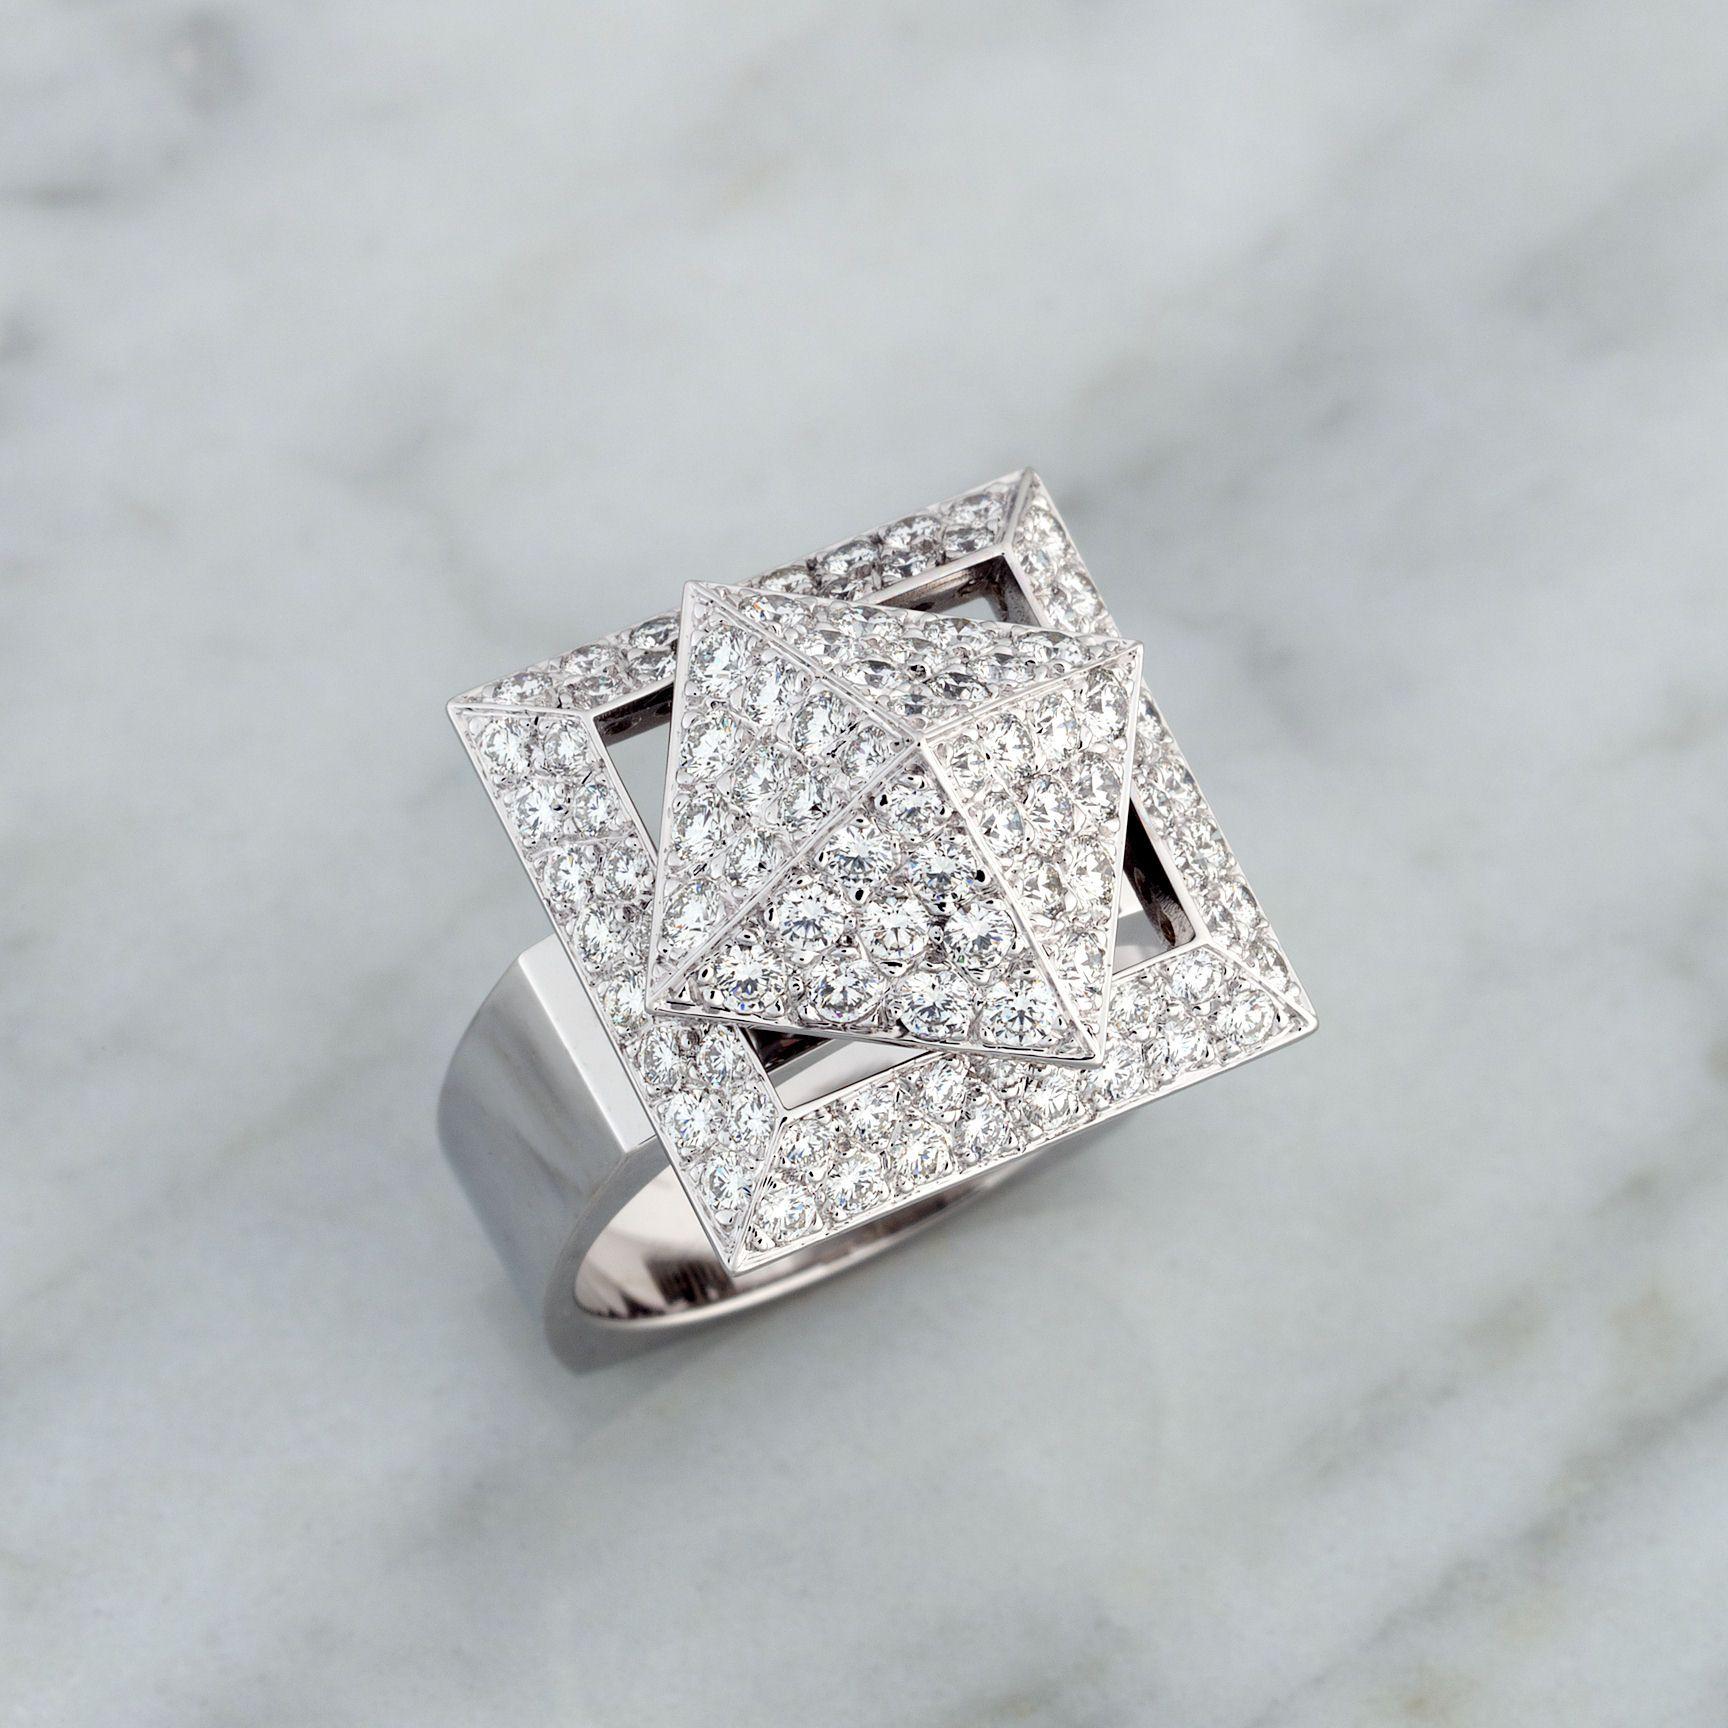 18k White Gold 1.36ct Diamond Spinner Ring